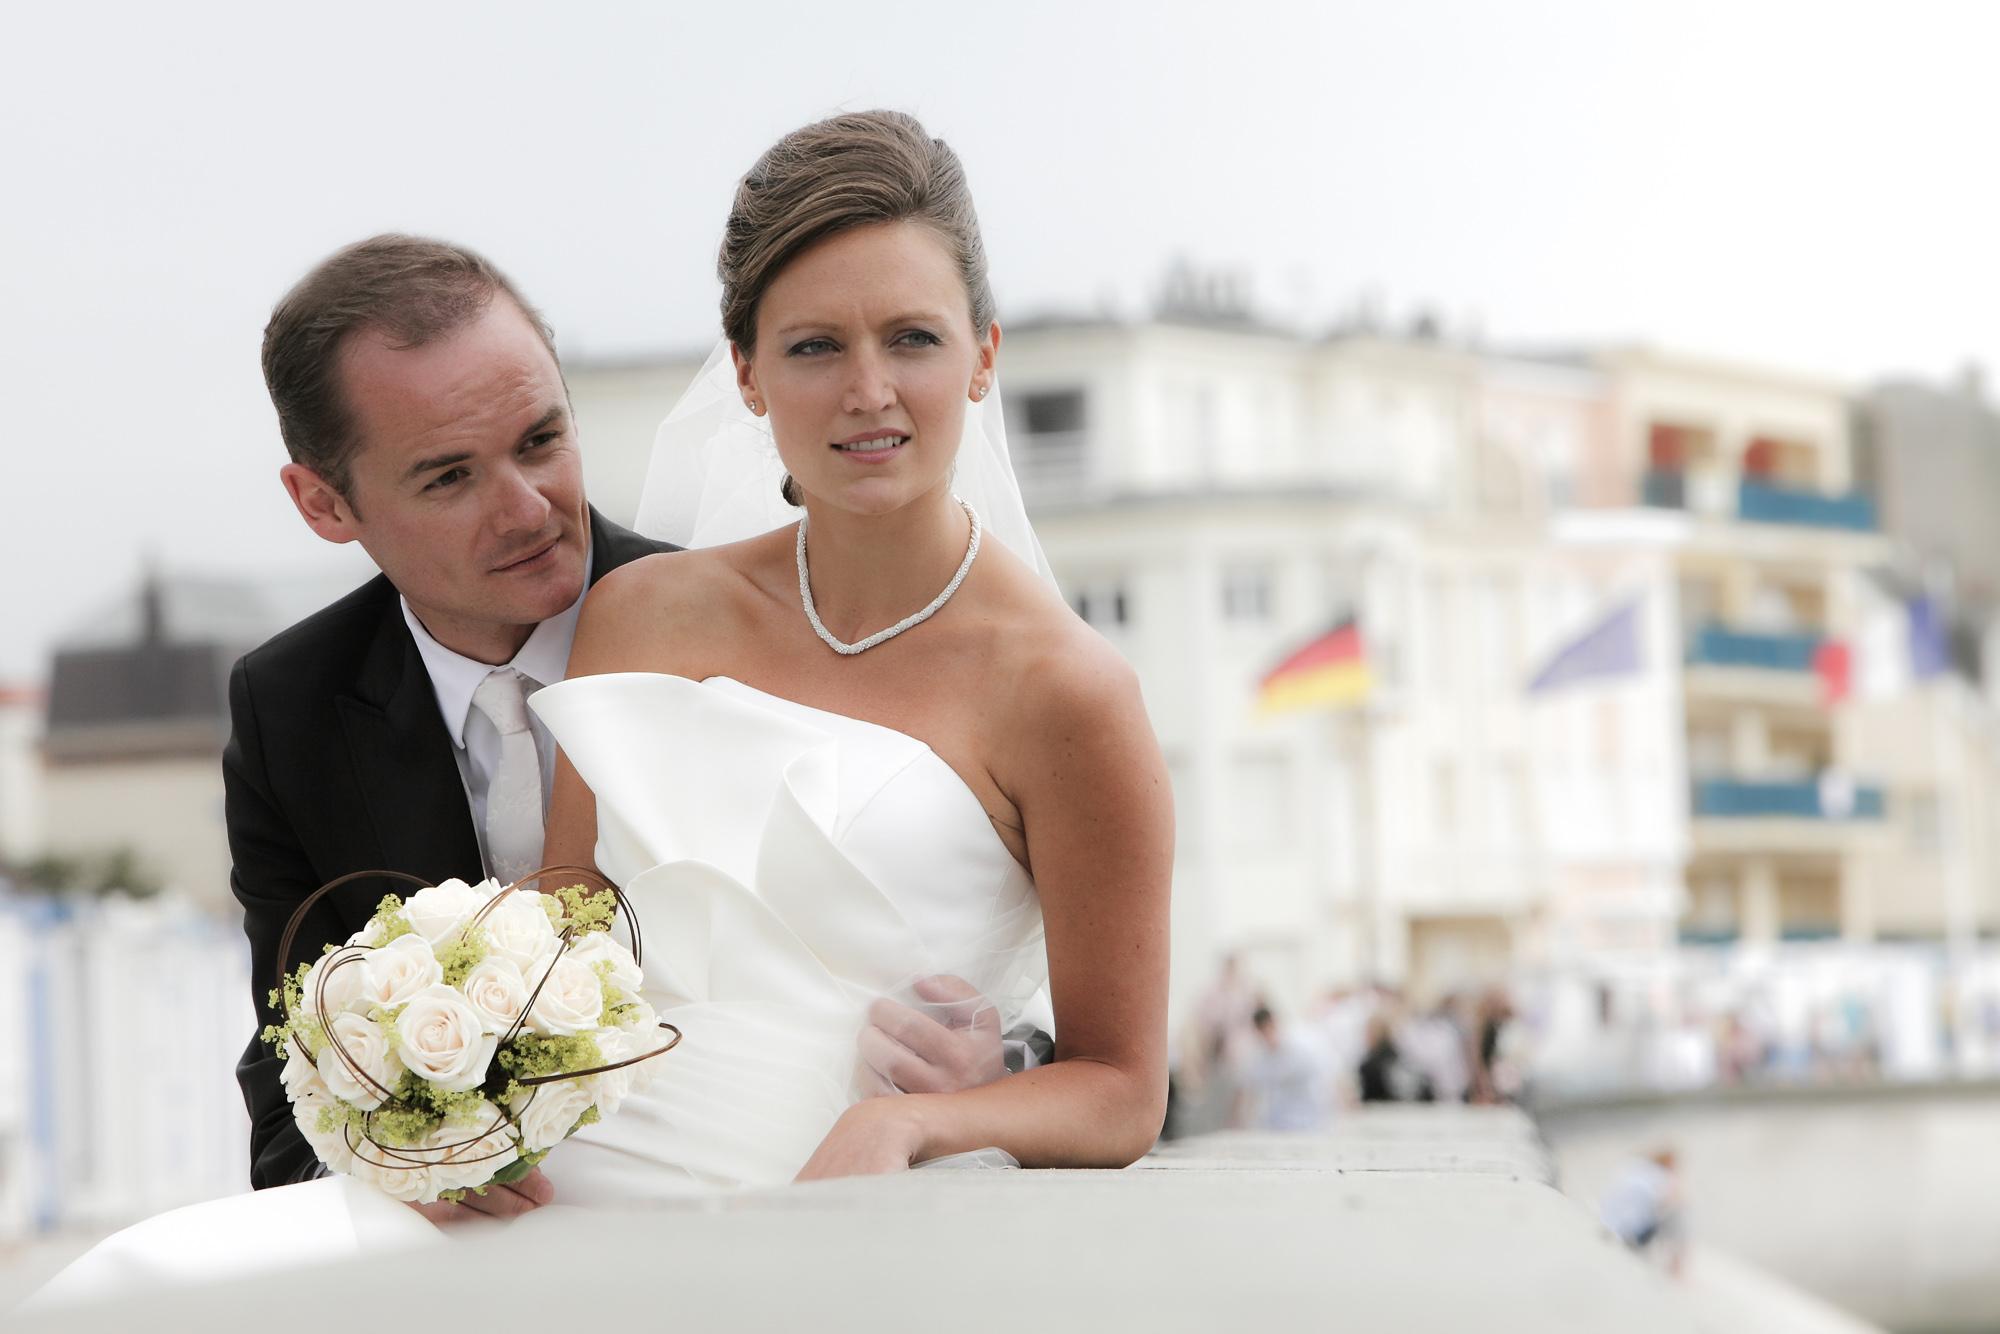 Photographe-mariage-Le Touquet